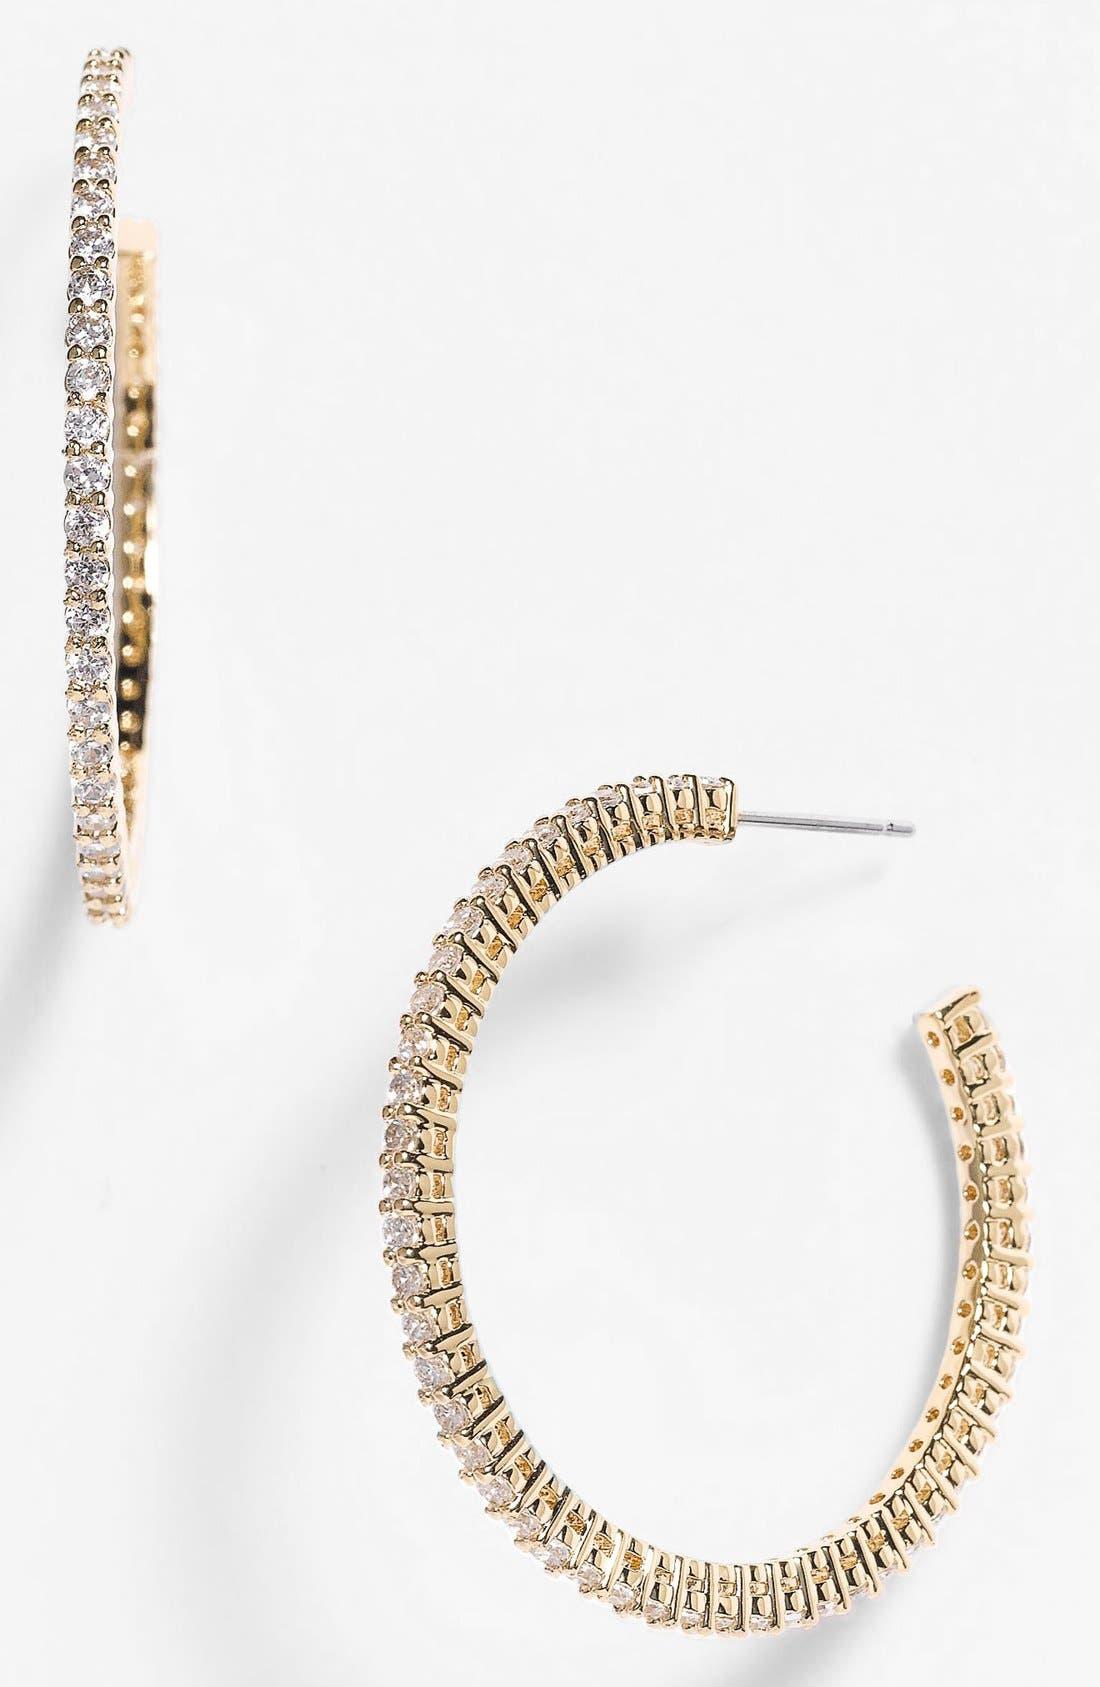 Alternate Image 1 Selected - Nadri Cubic Zirconia Hoop Earrings (Nordstrom Exclusive)